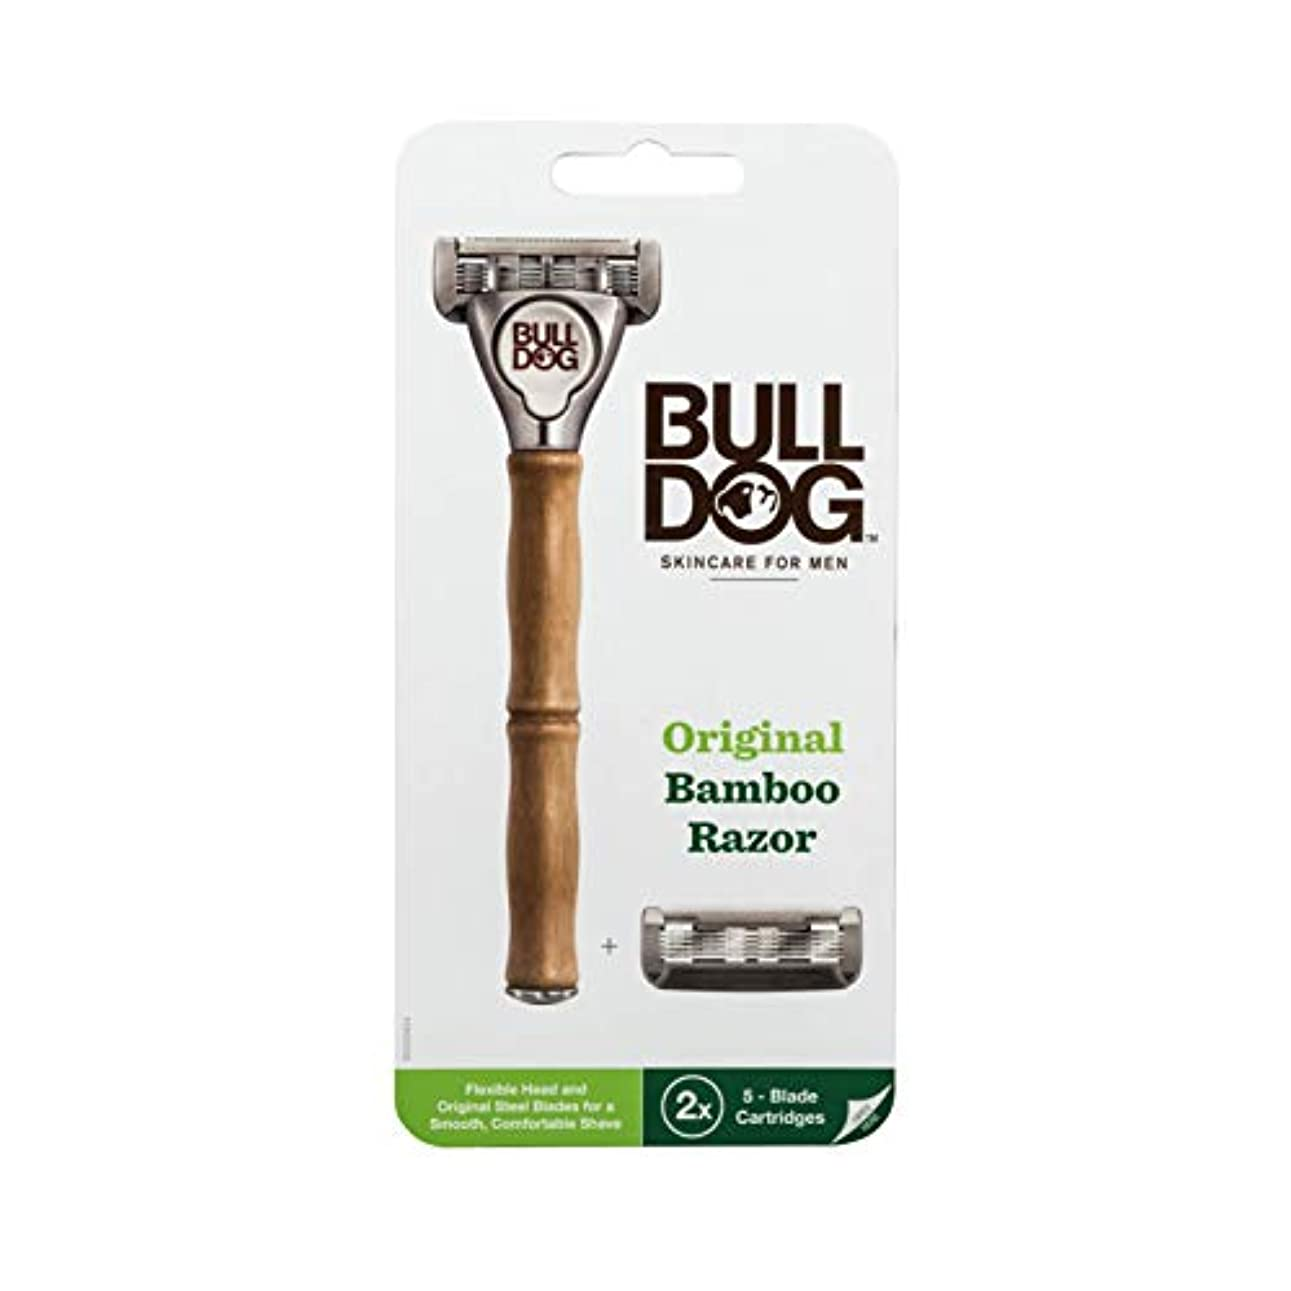 共和党パス区別Bulldog(ブルドッグ) ブルドッグ Bulldog 5枚刃 オリジナルバンブーホルダー 水に強い竹製ハンドル 替刃 2コ付 男性カミソリ ホルダー(1本)、替刃2コ付き(内1コ本体装着済み)